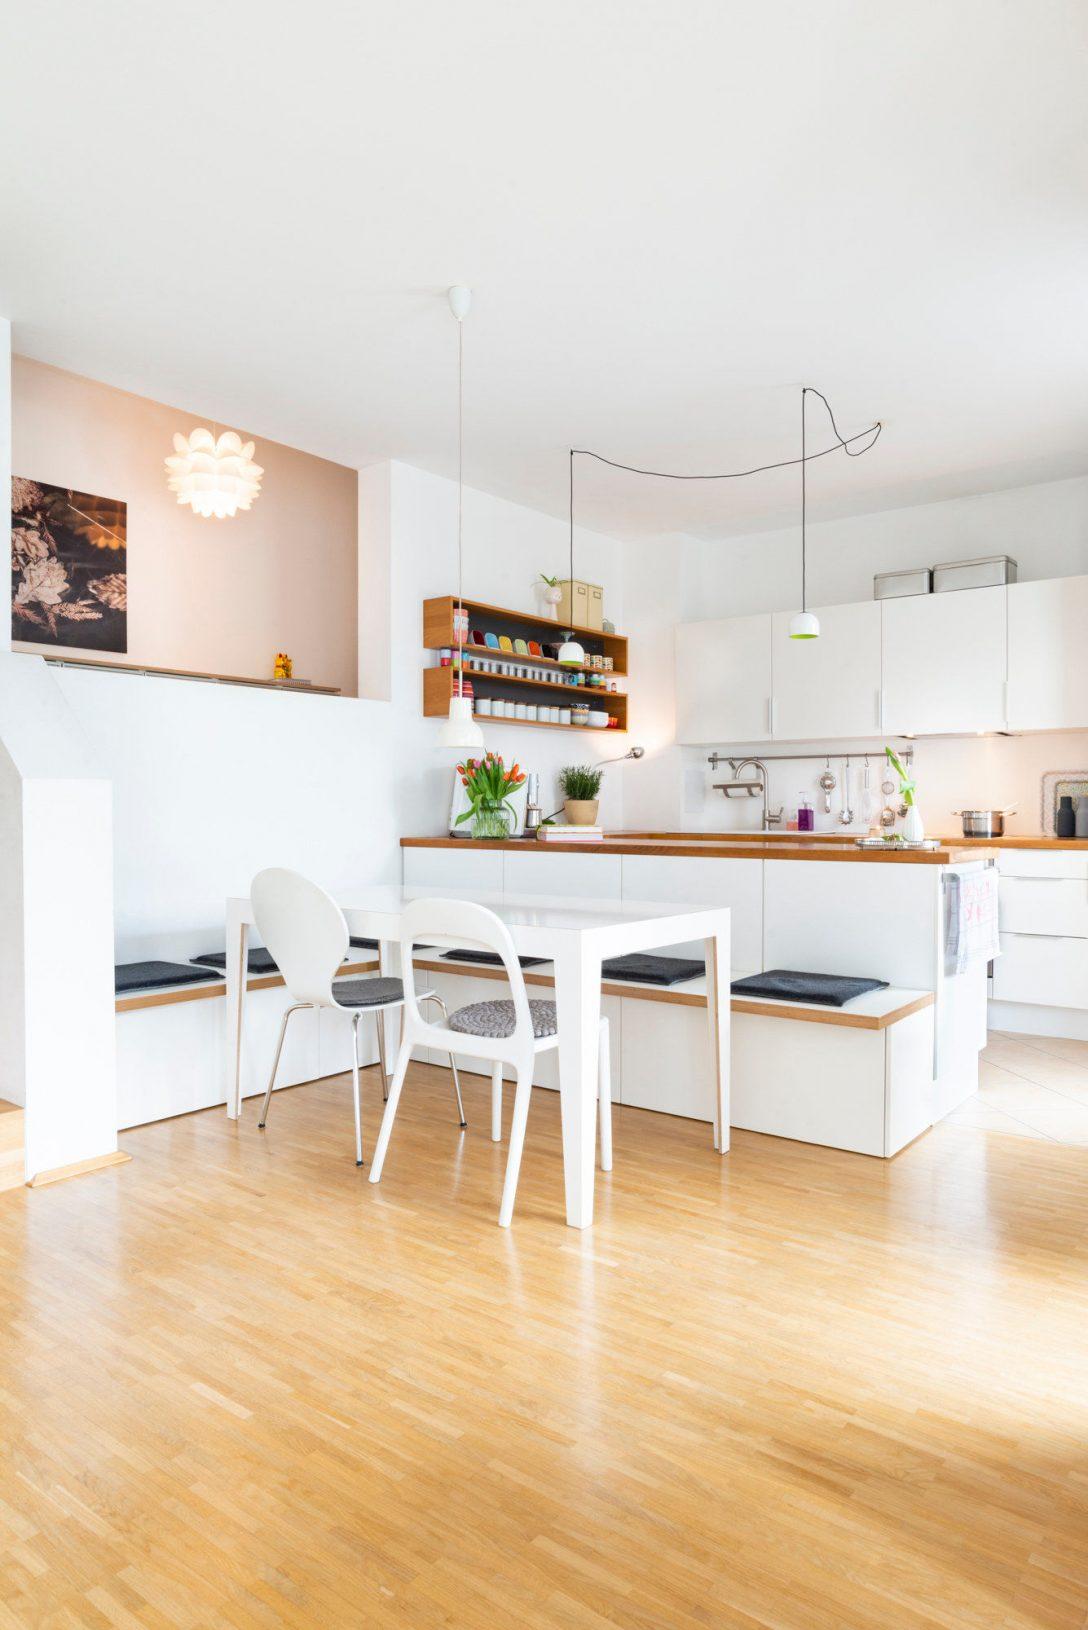 Full Size of Küchenschrank Ikea Sofa Mit Schlaffunktion Küche Kosten Modulküche Kaufen Betten Bei 160x200 Miniküche Wohnzimmer Küchenschrank Ikea